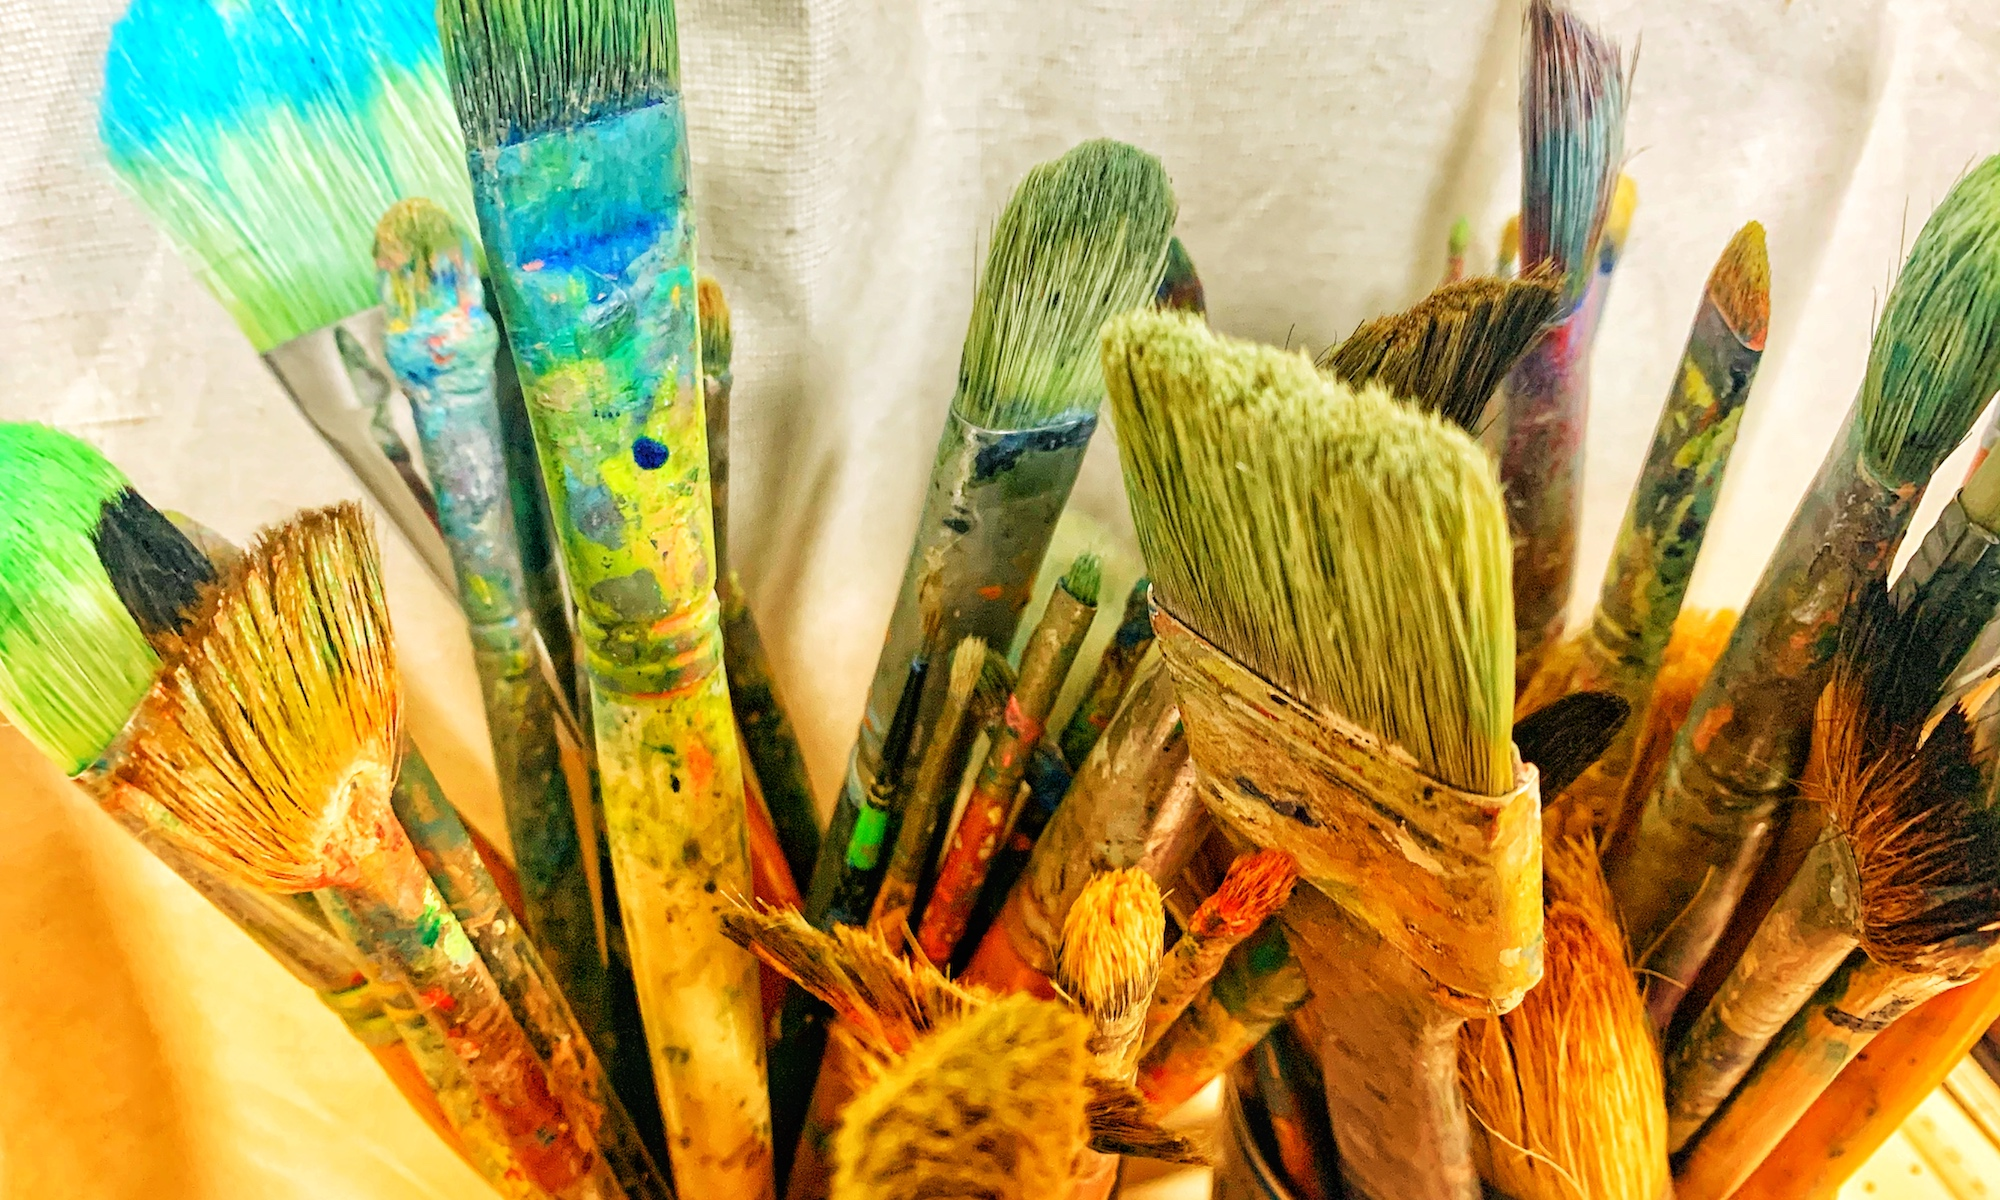 障がい者アートの商品化が流行る…内容や商品化の方法は?